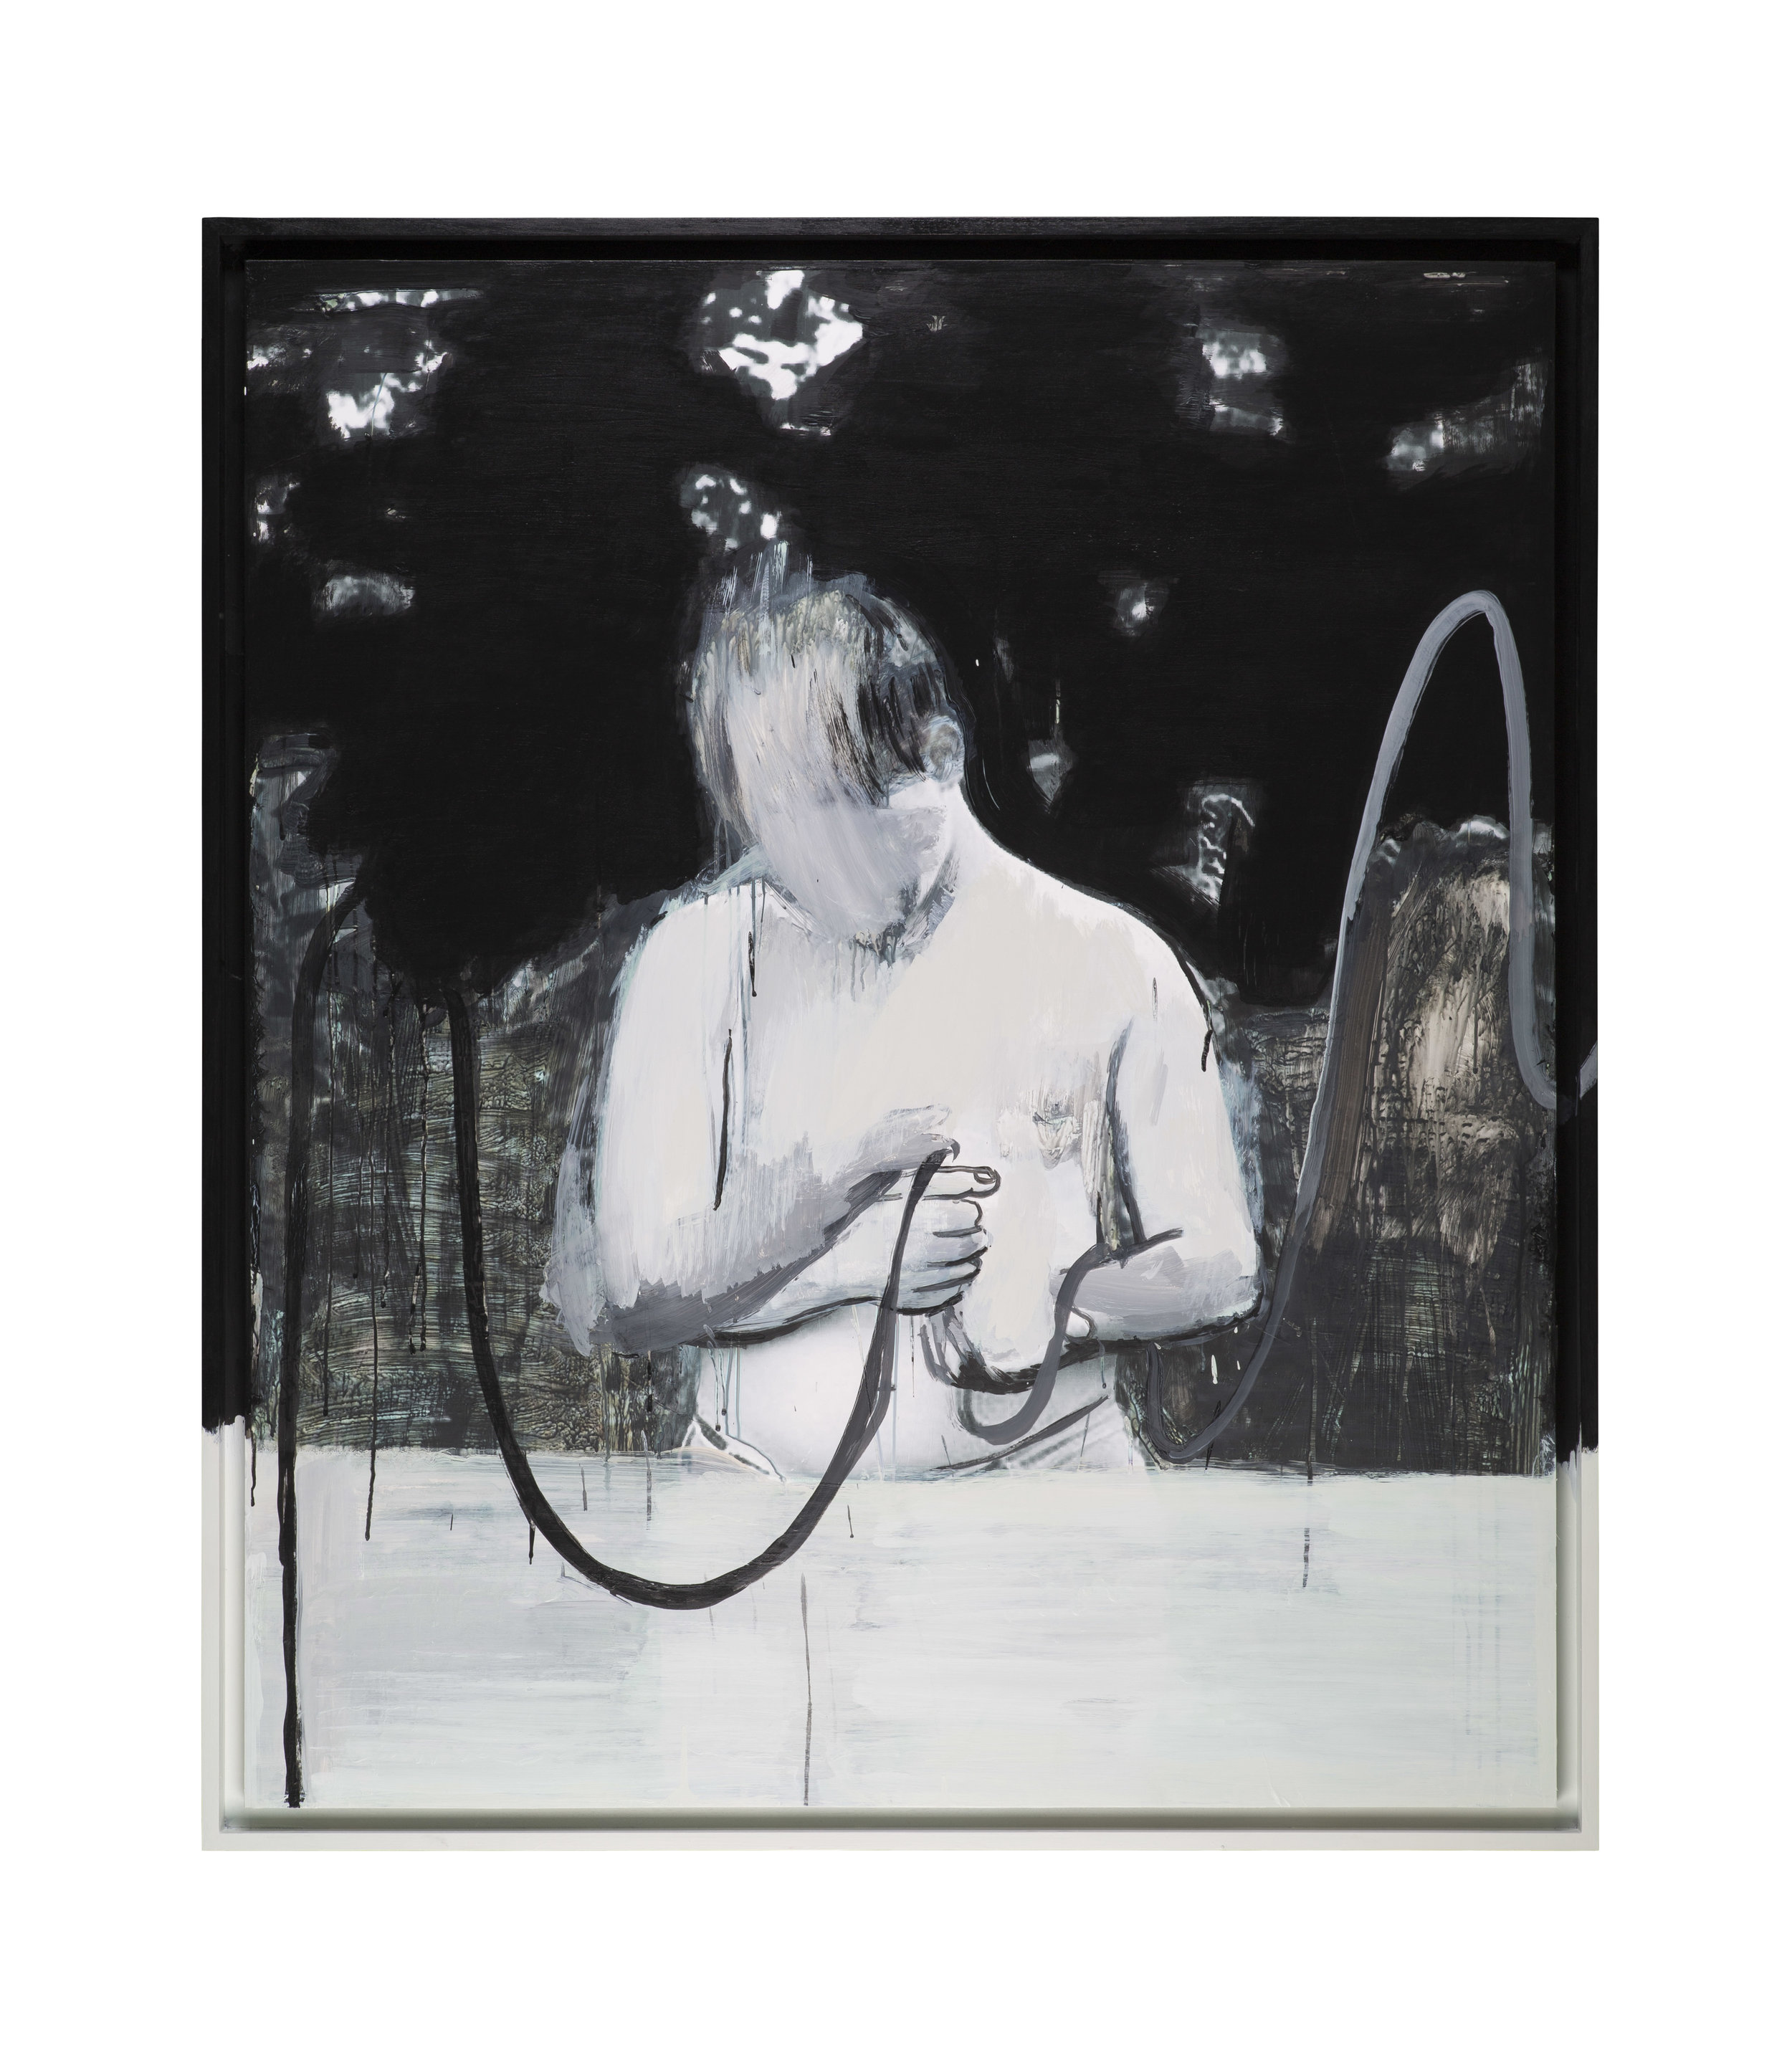 吴笛 Wu Di 8 木板丙烯数码打印图片 137 x 117 cm 2015.jpg